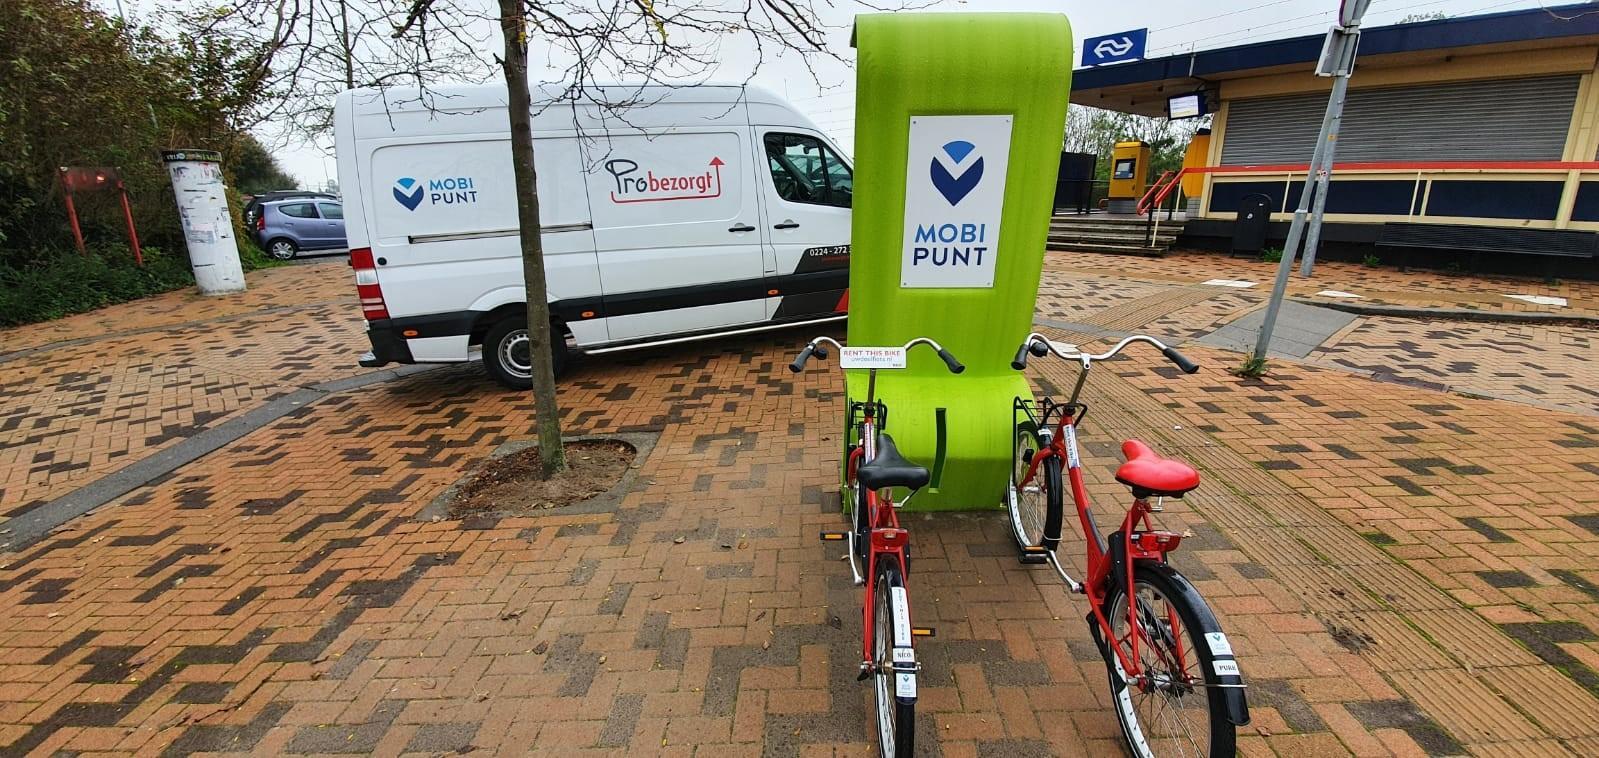 Na de deelfiets ook de deelauto: Den Oever, Schagen en Middenmeer delen de primeur